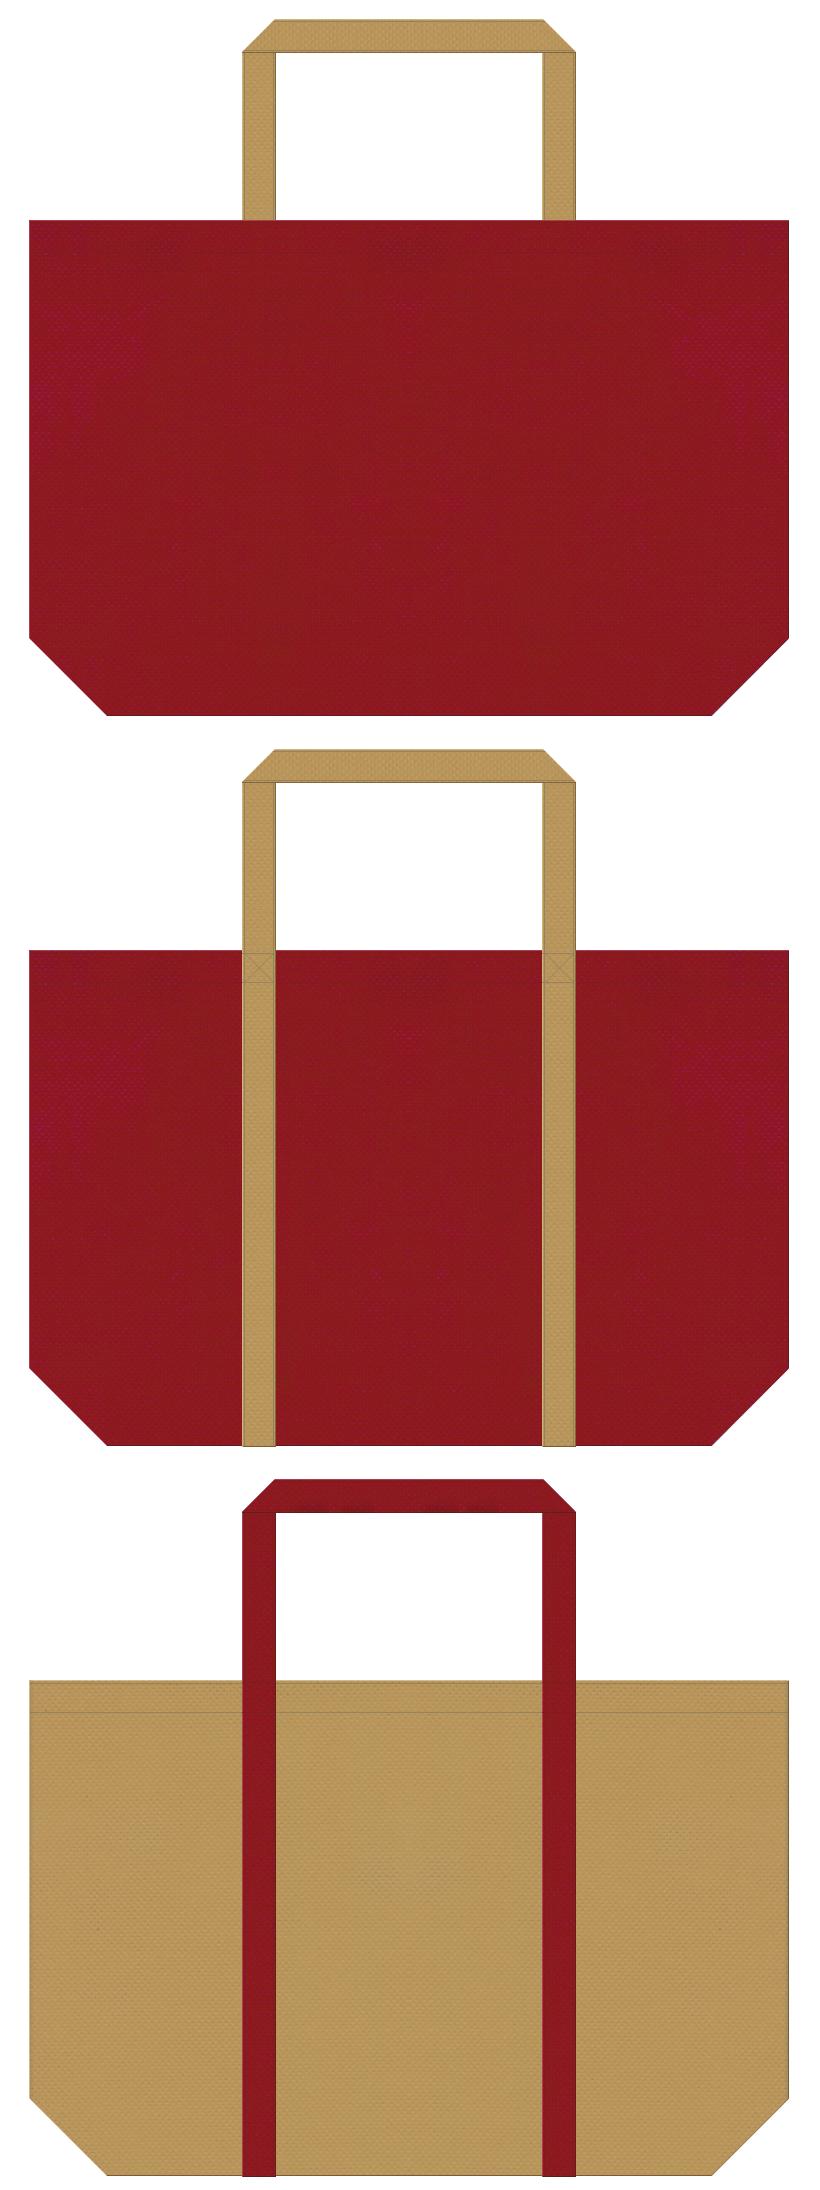 和風装飾・和風催事・カジュアル・アウトレットにお奨め:エンジ色と金黄土色の不織布ショッピングバッグのデザイン